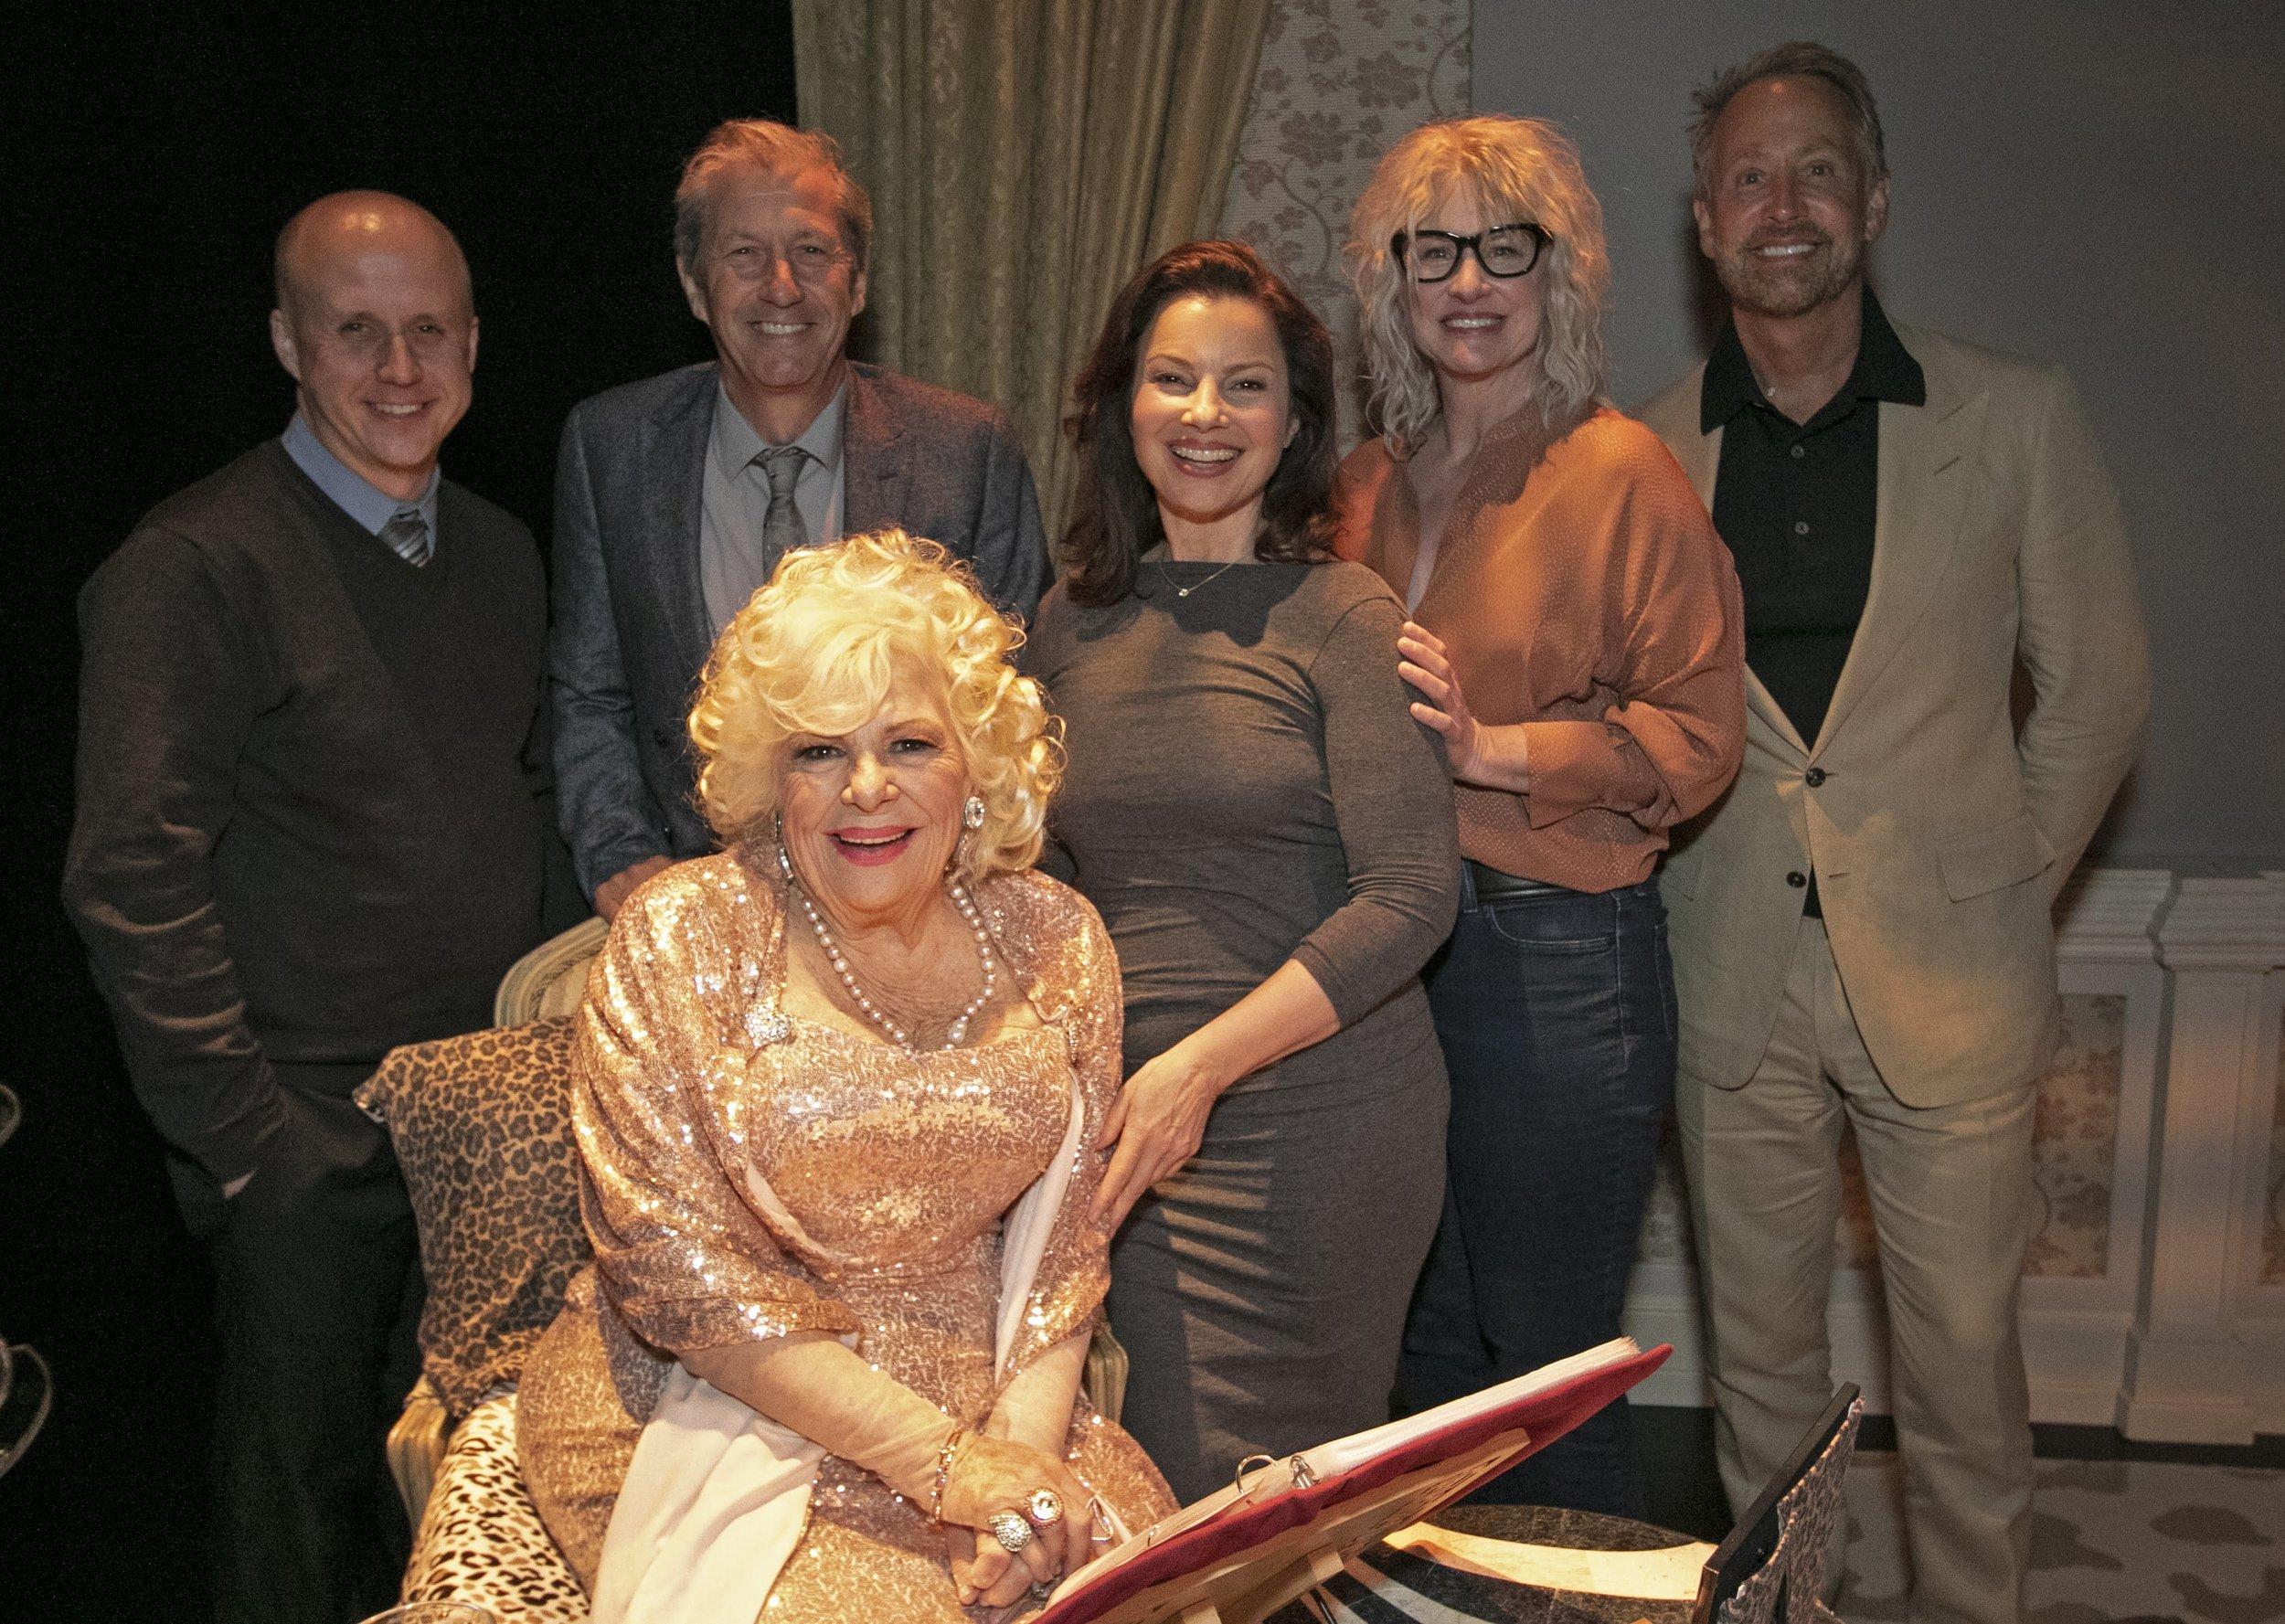 Benjamin Salisbury, Charles Shaughnessy, Renée  Taylor, Fran Drescher, Lauren Lane, and  Peter Marc Jacobson.